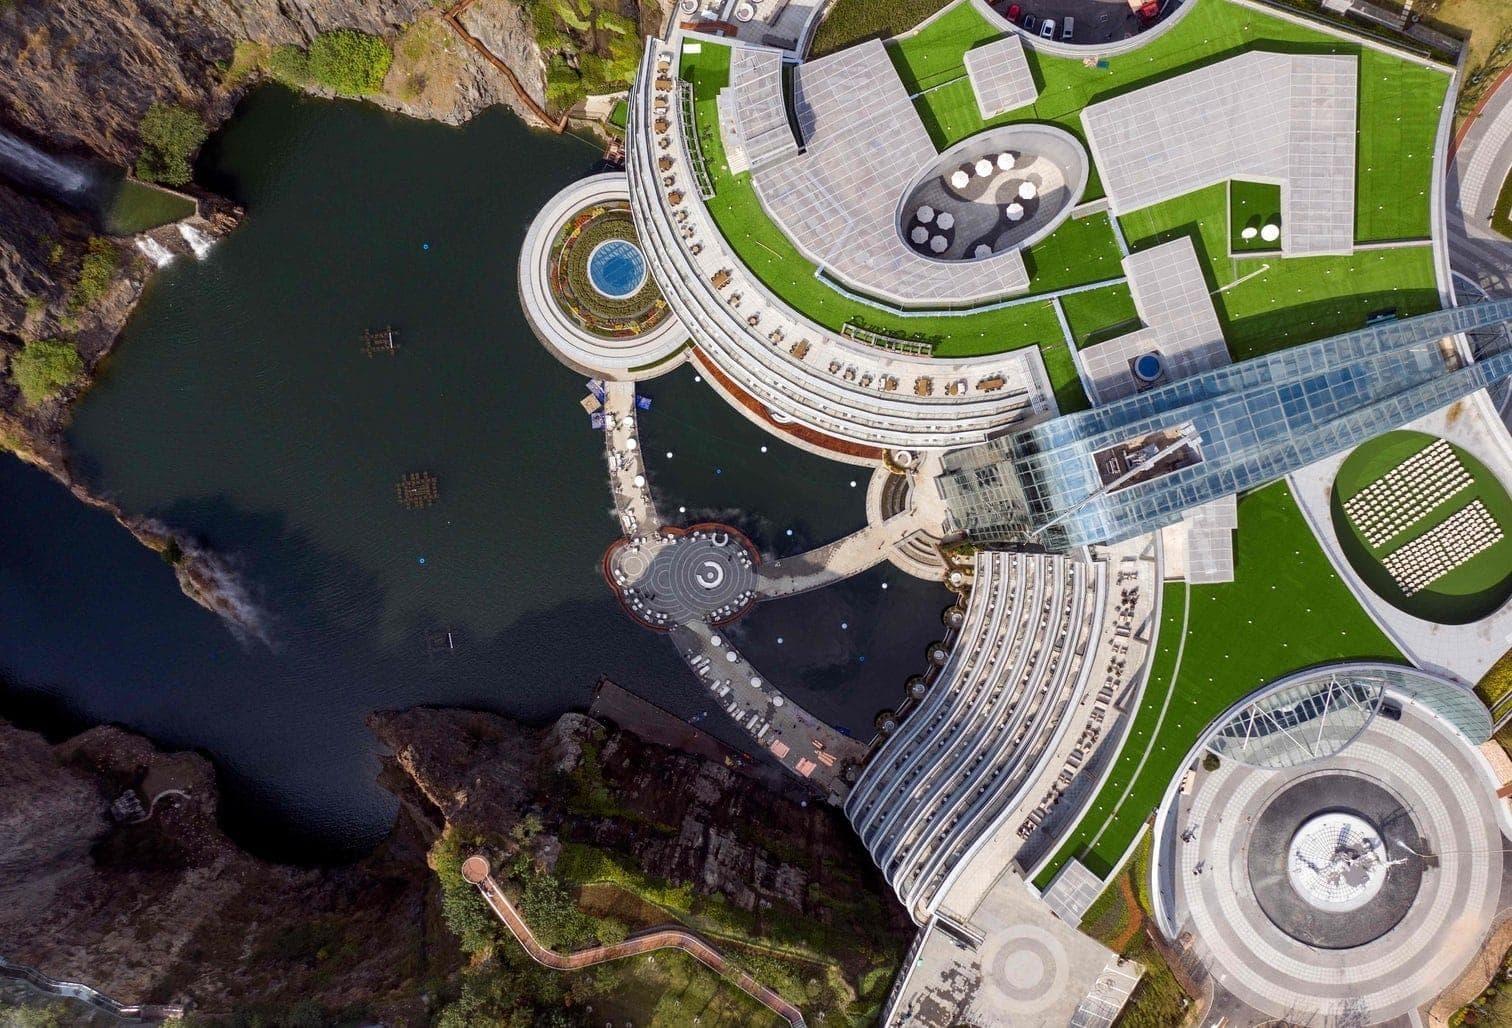 <p>Unesco-Vertreter Michael Croft würdigte das Projekt als Vorzeigemodell für nachhaltige Entwicklung.</p> Foto: AFP/Johannes Eisele